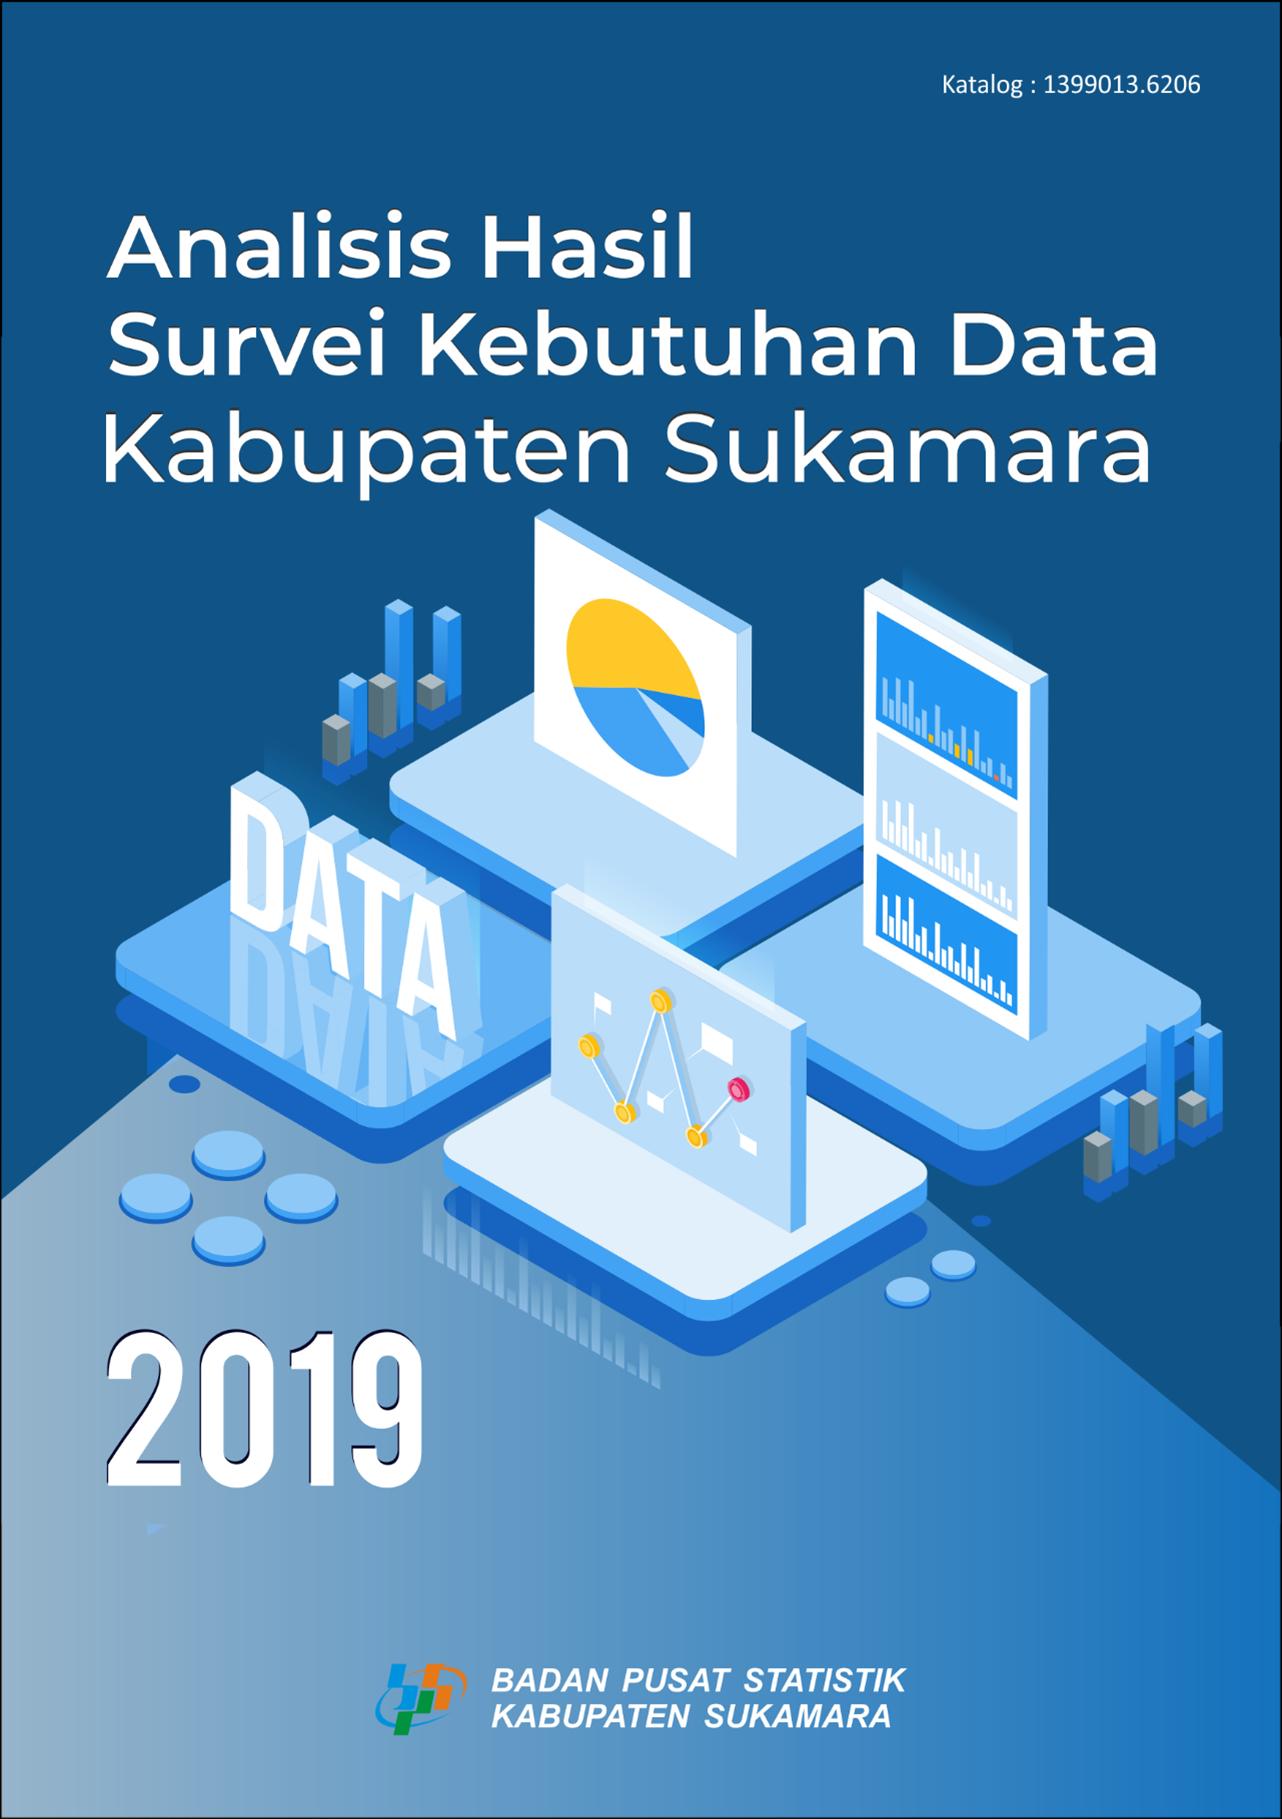 Analisis Hasil Survei Kebutuhan Data Kabupaten Sukamara 2019